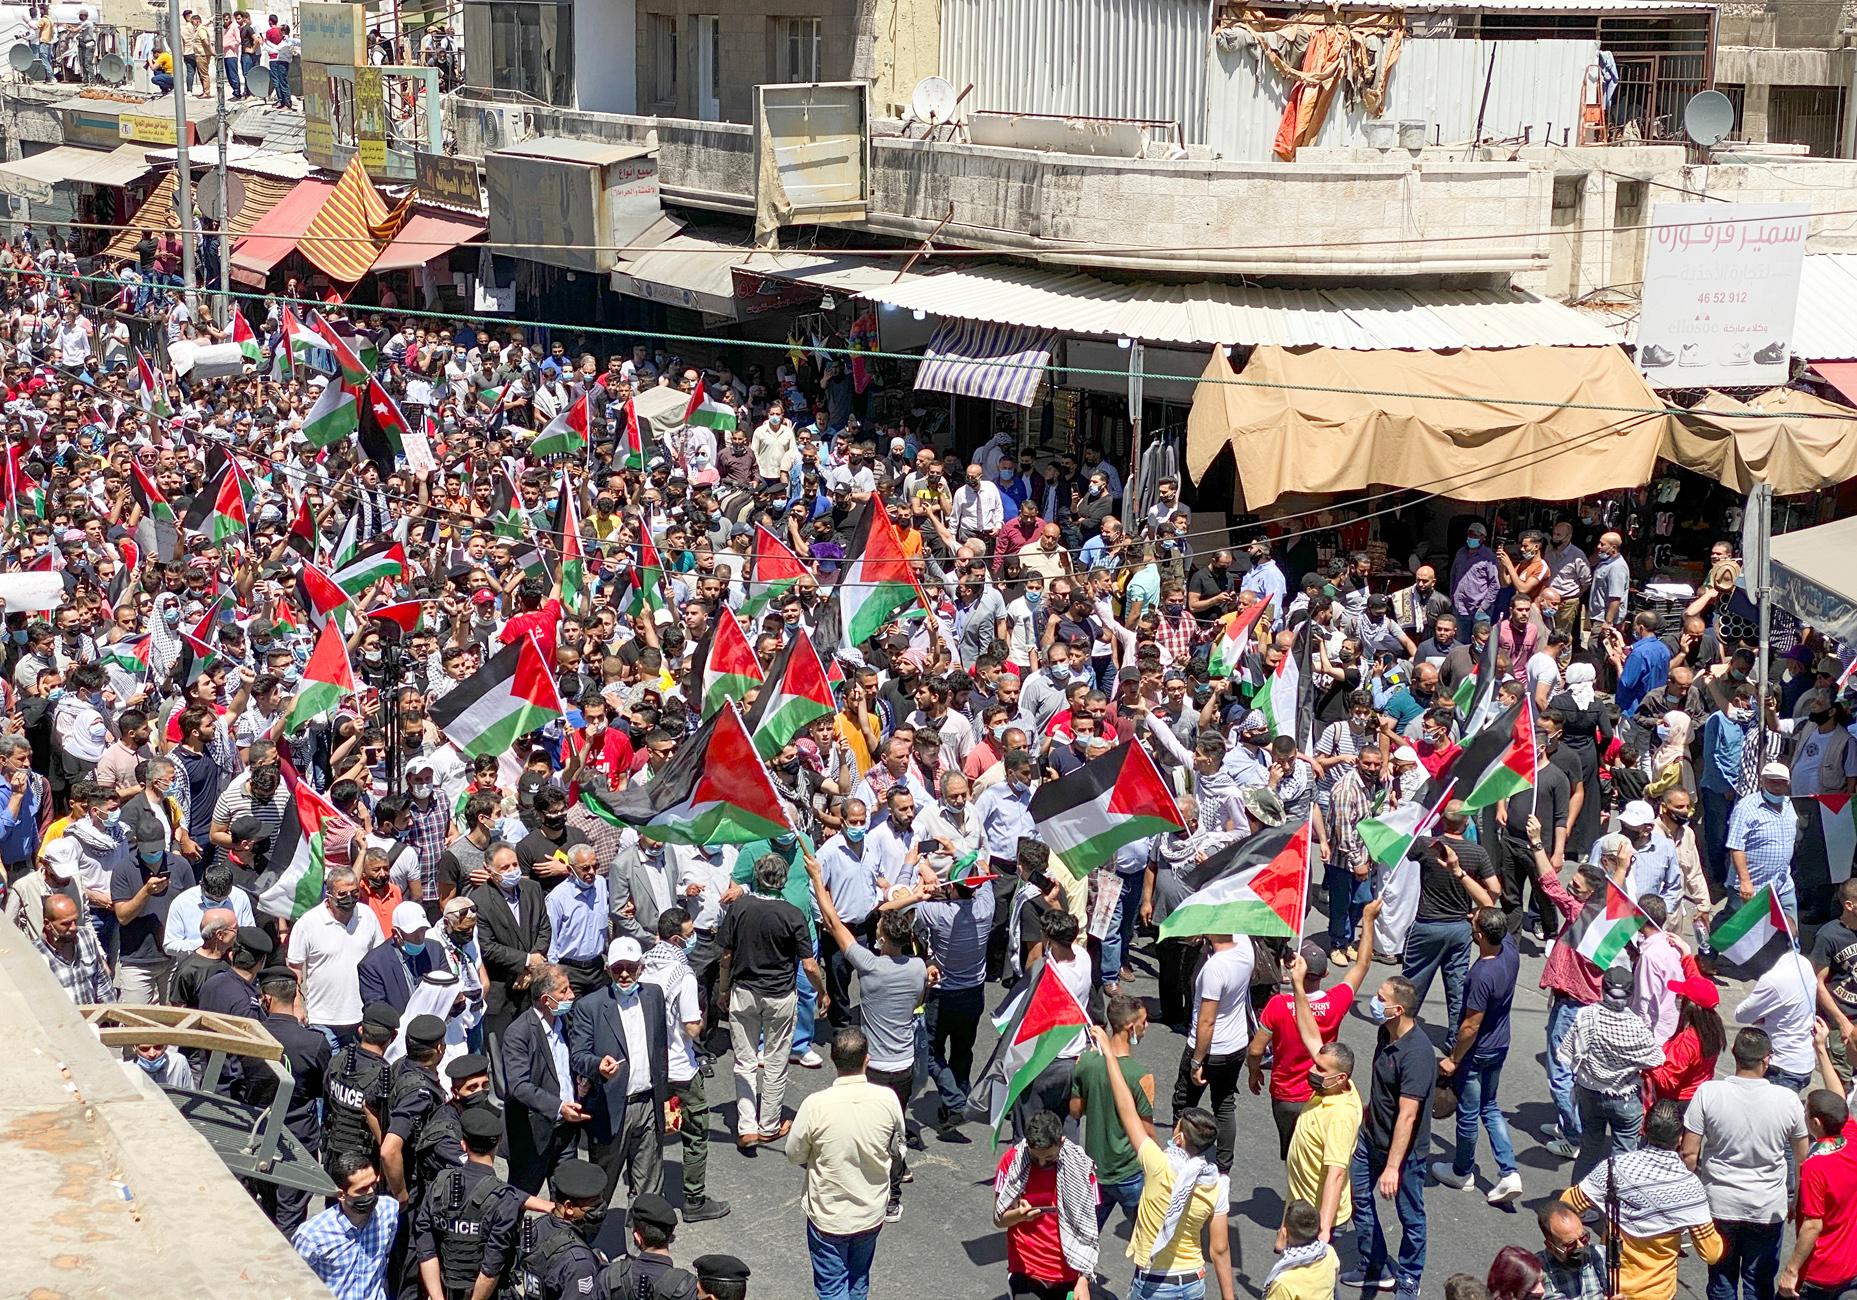 Ιορδανία: Χιλιάδες κόσμου διαδηλώνουν υπέρ των παλαιστινίων